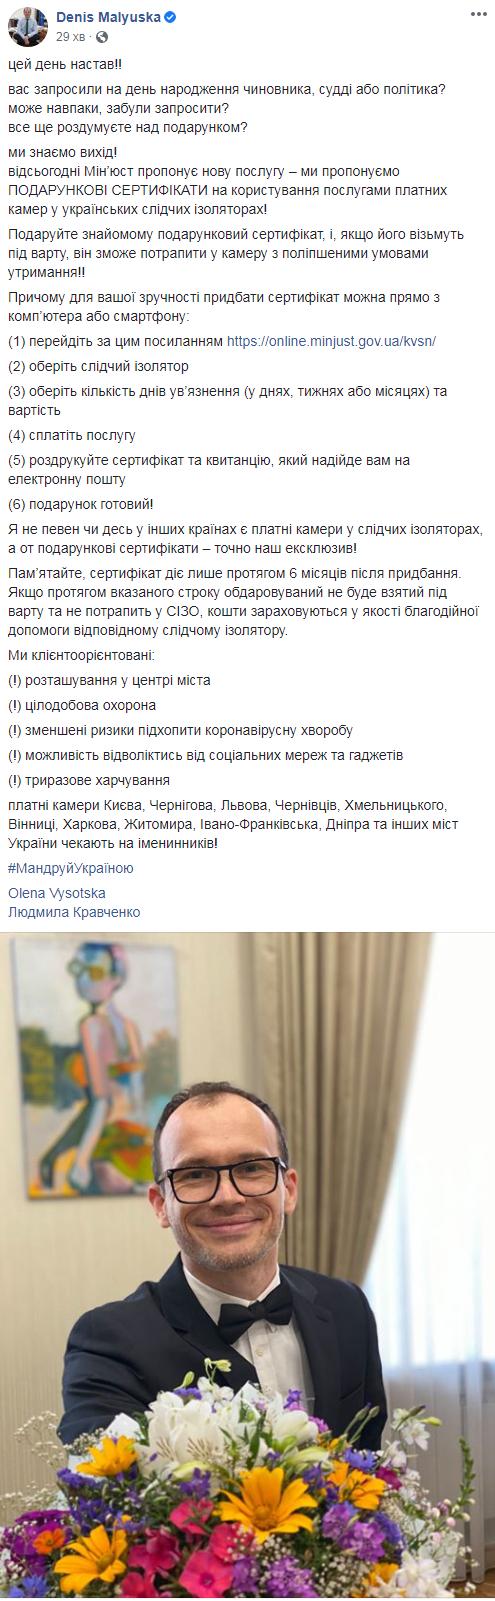 Українцям пропонують купувати подарункові сертифікати у СІЗО: винятковий цинізм